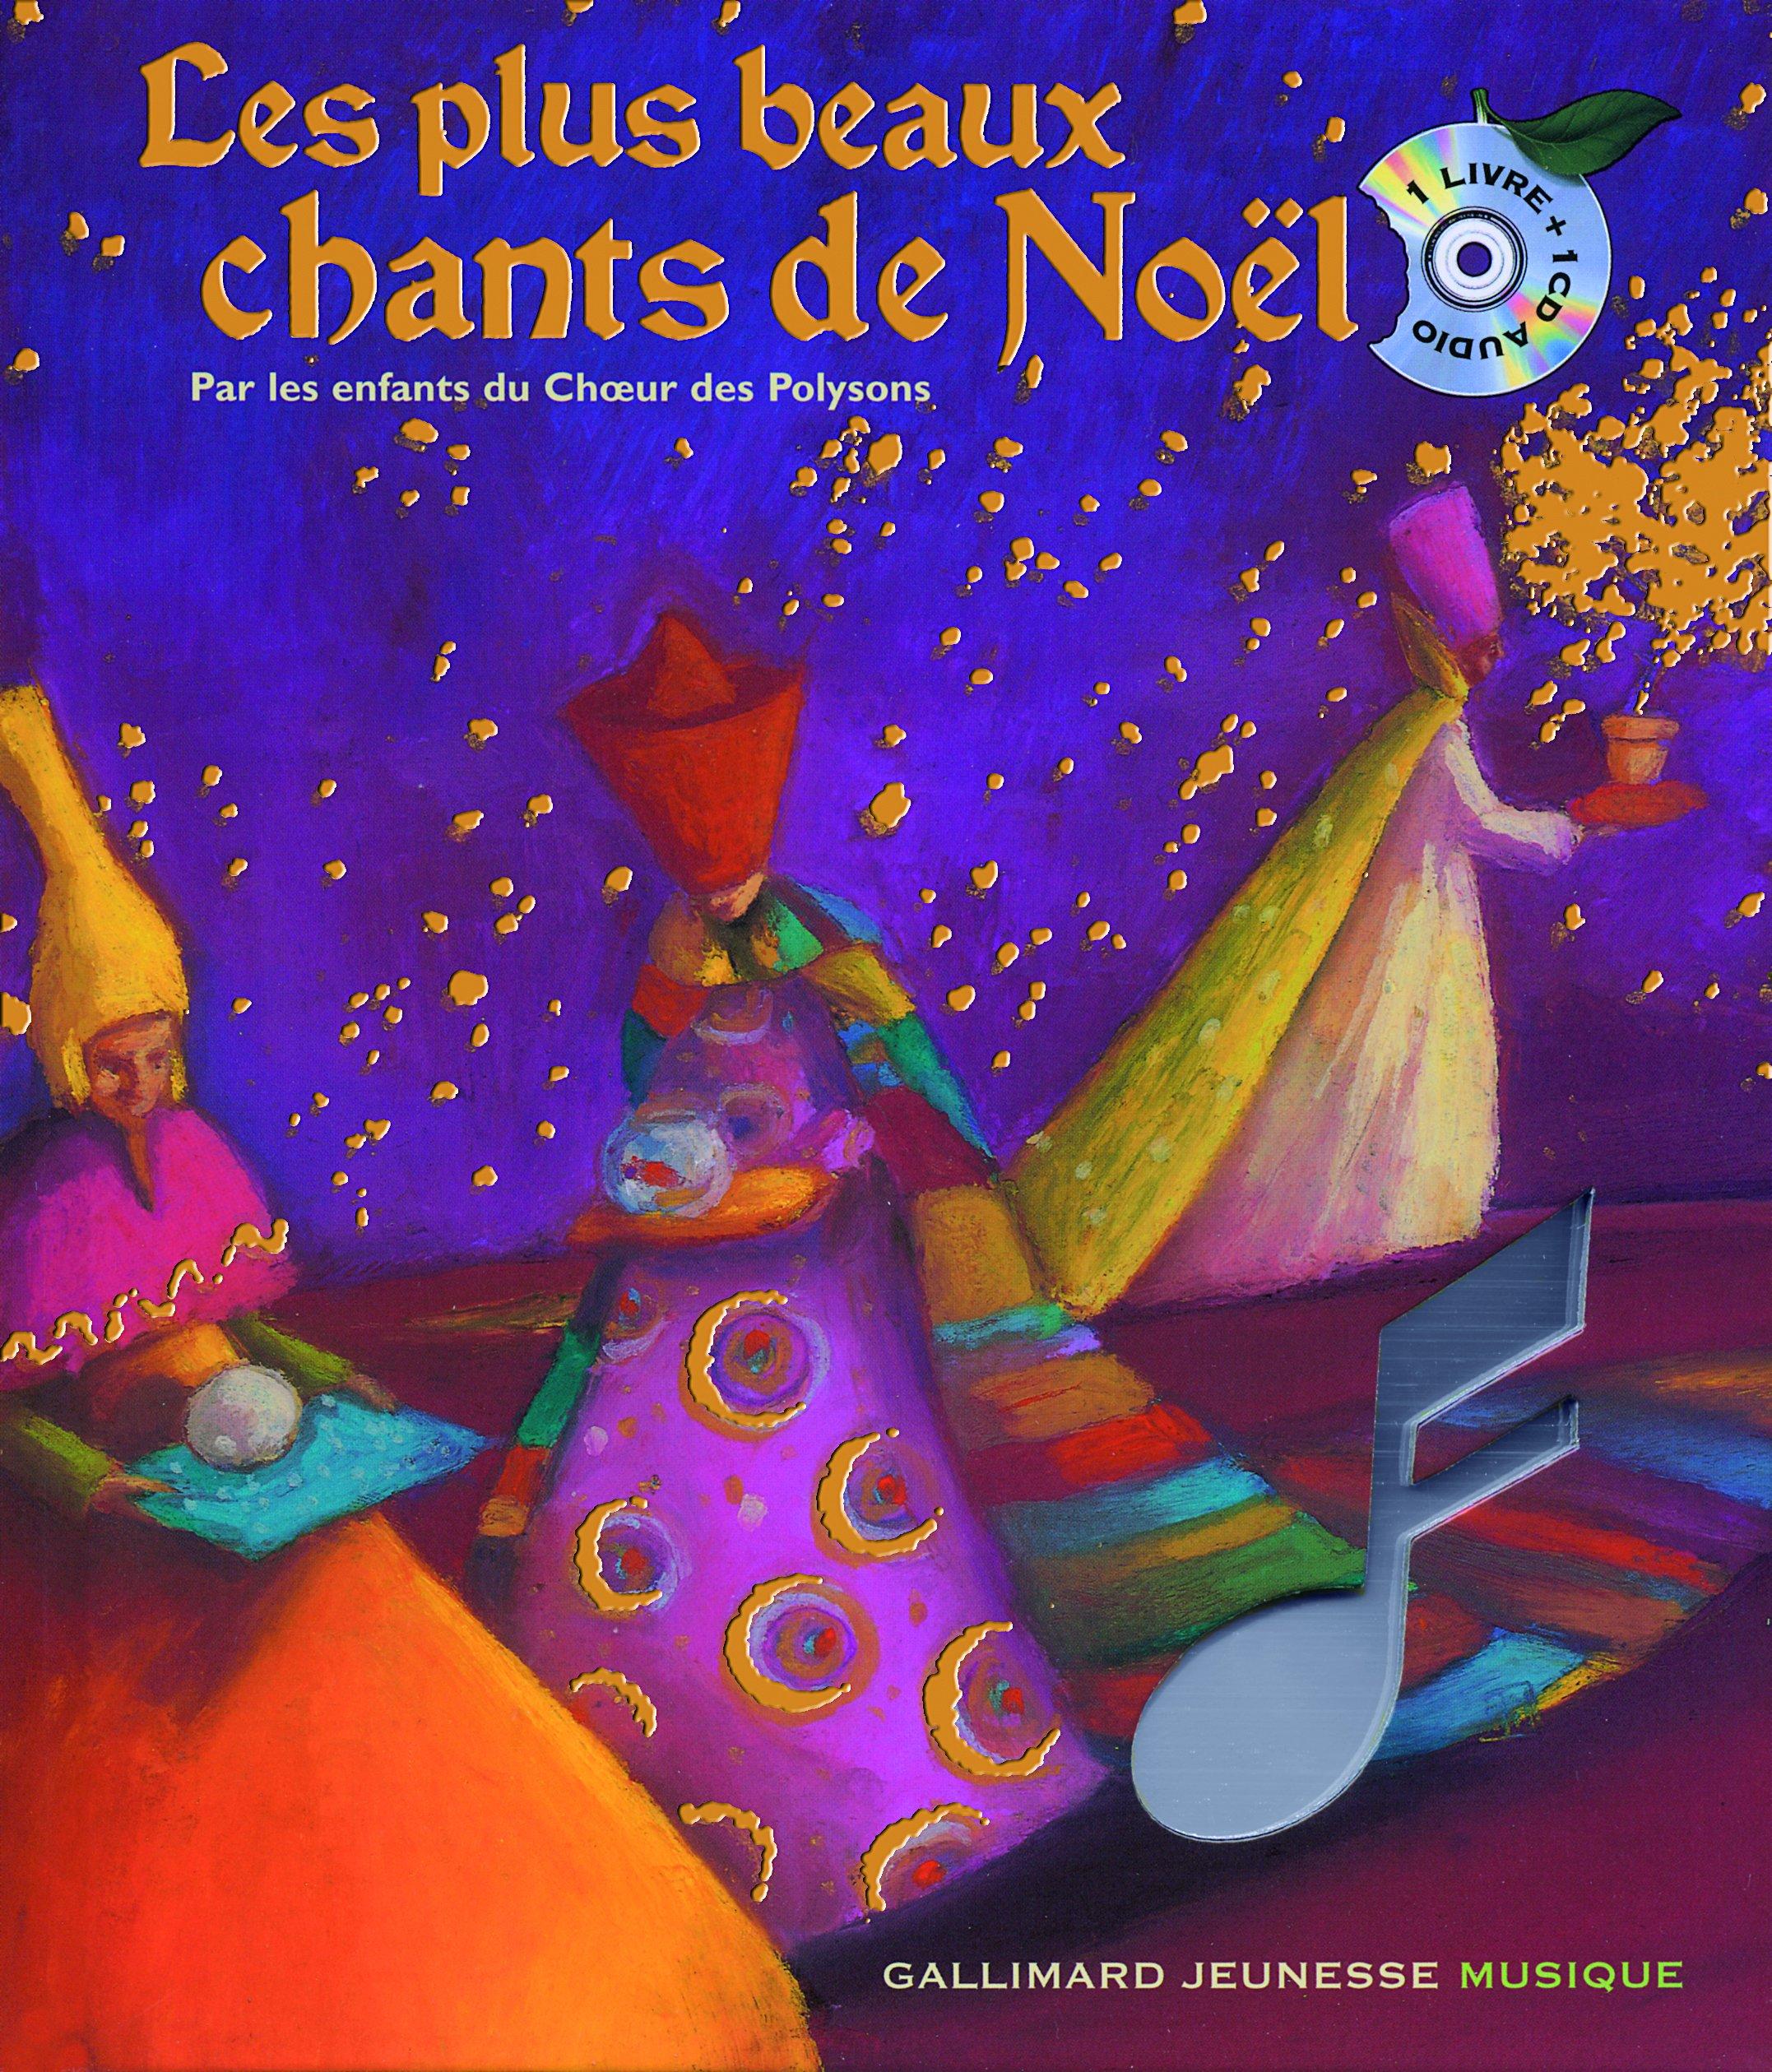 Les plus beaux chants de Noel [ Christmas songs ] par les enfants du Choeur de Polysons - Book + Audio CD (French Edition)